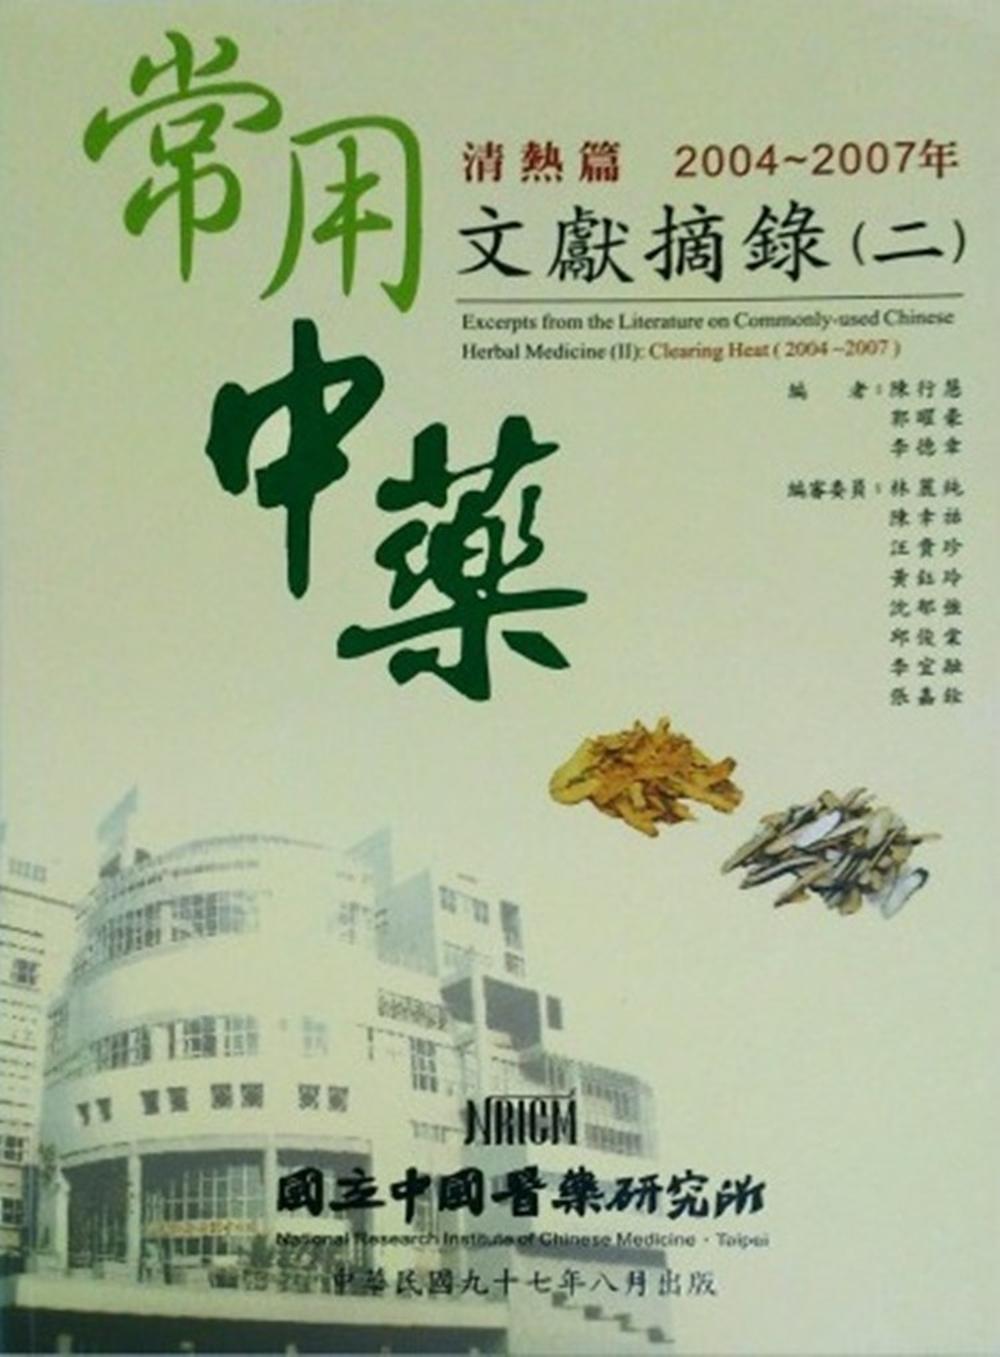 常用中藥文獻摘錄(二):清熱篇(2004-2007)